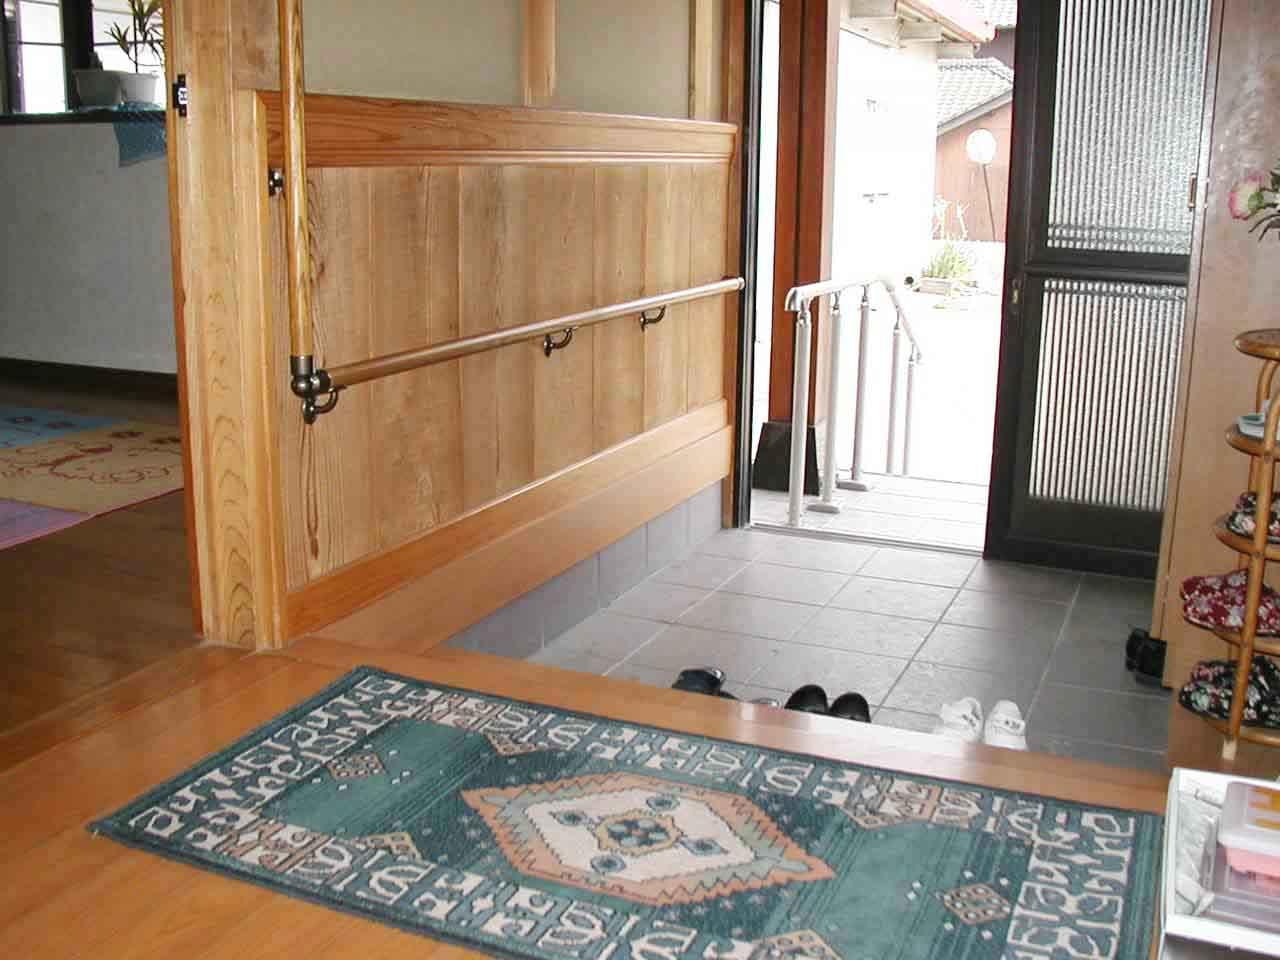 Casa giapponese tradizionale la varie parti for La pietra tradizionale casa santorini